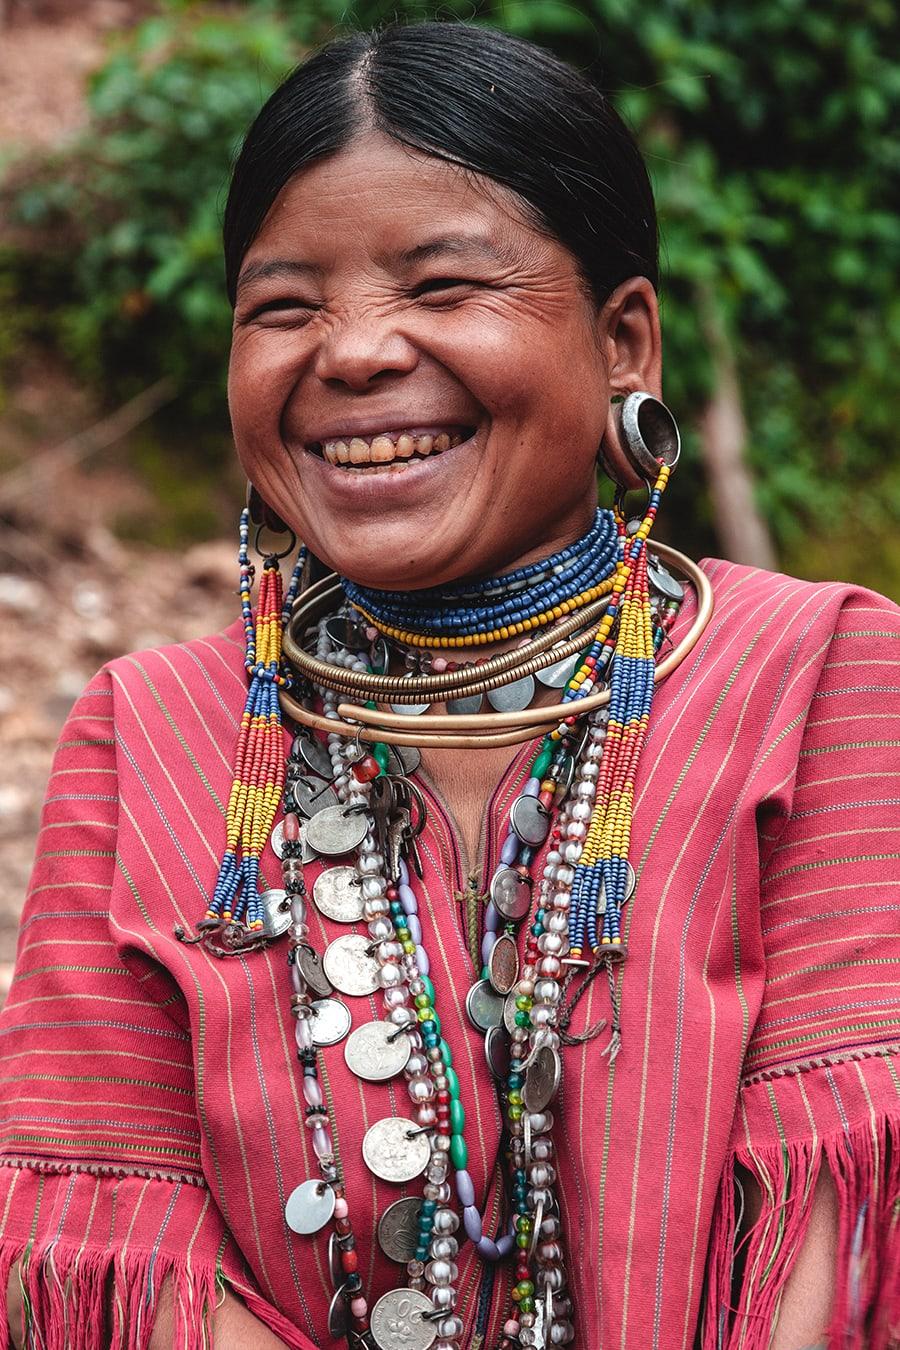 A Kayaw woman near Loikaw, Myanmar.